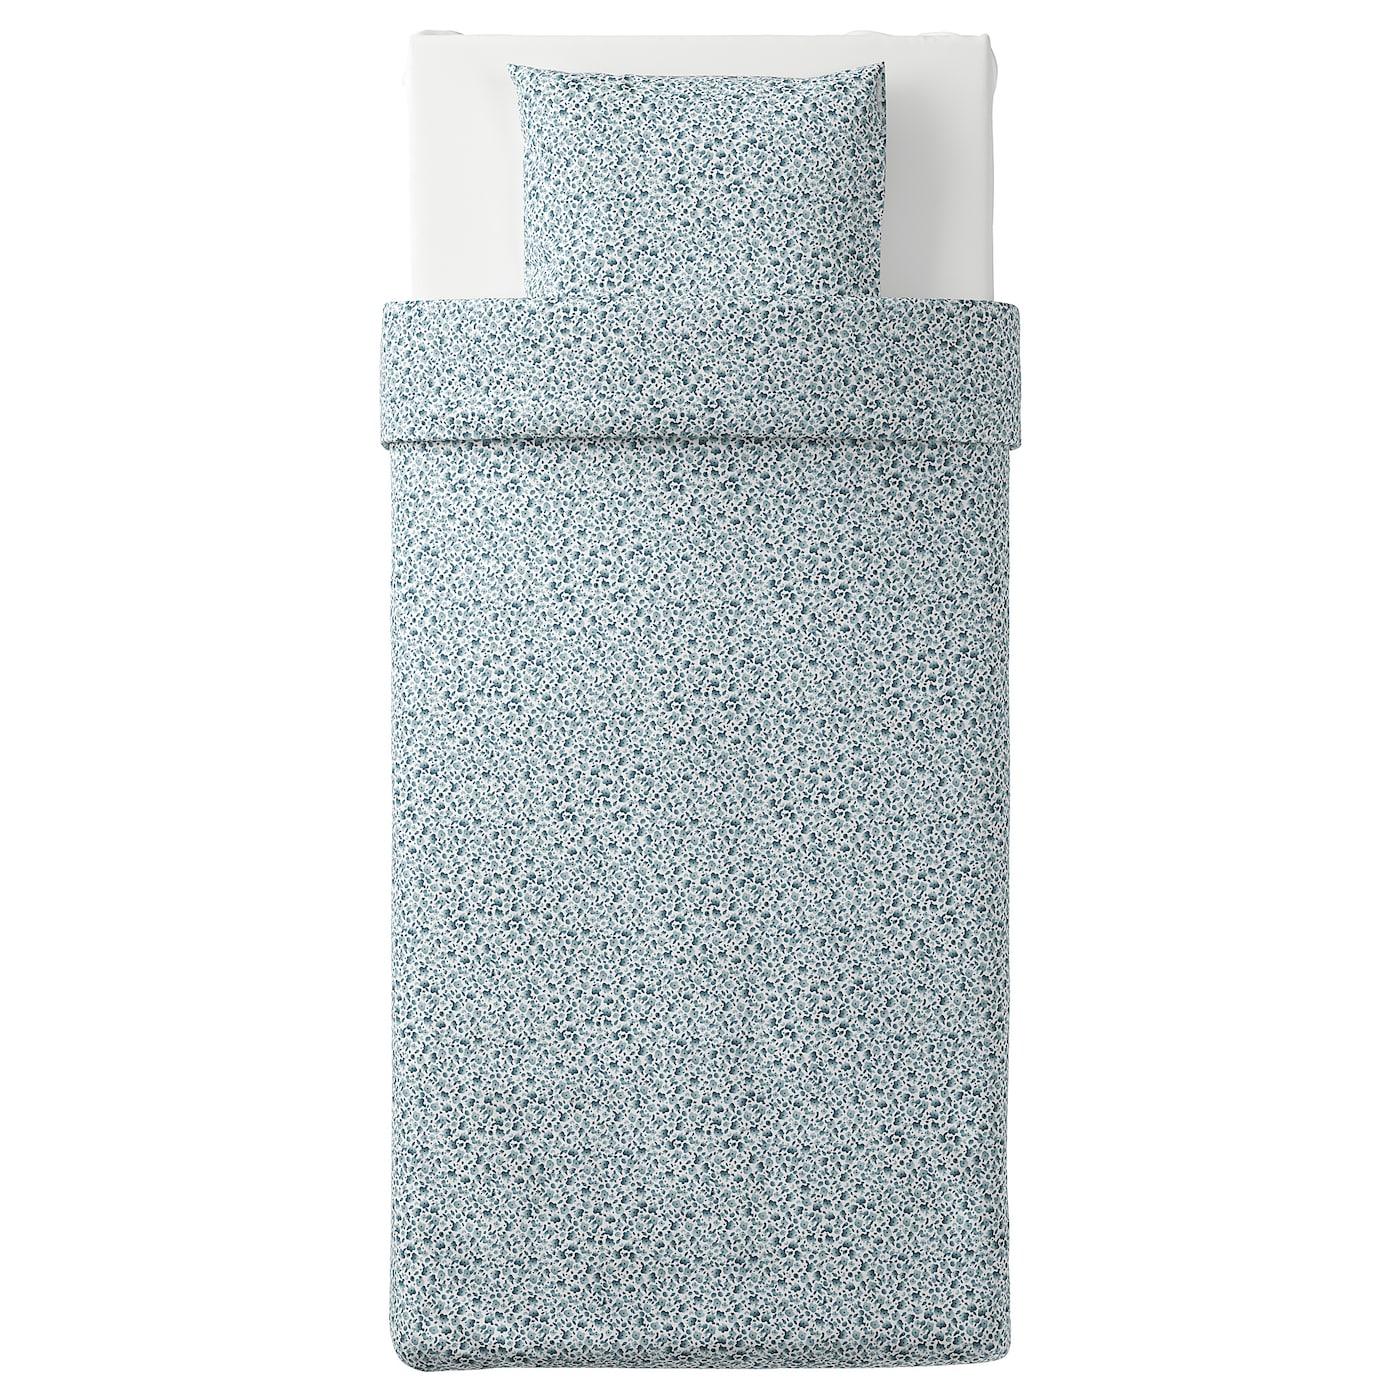 vattenmynta housse de couette et taie blanc bleu 150 x 200 50 x 60 cm ikea. Black Bedroom Furniture Sets. Home Design Ideas